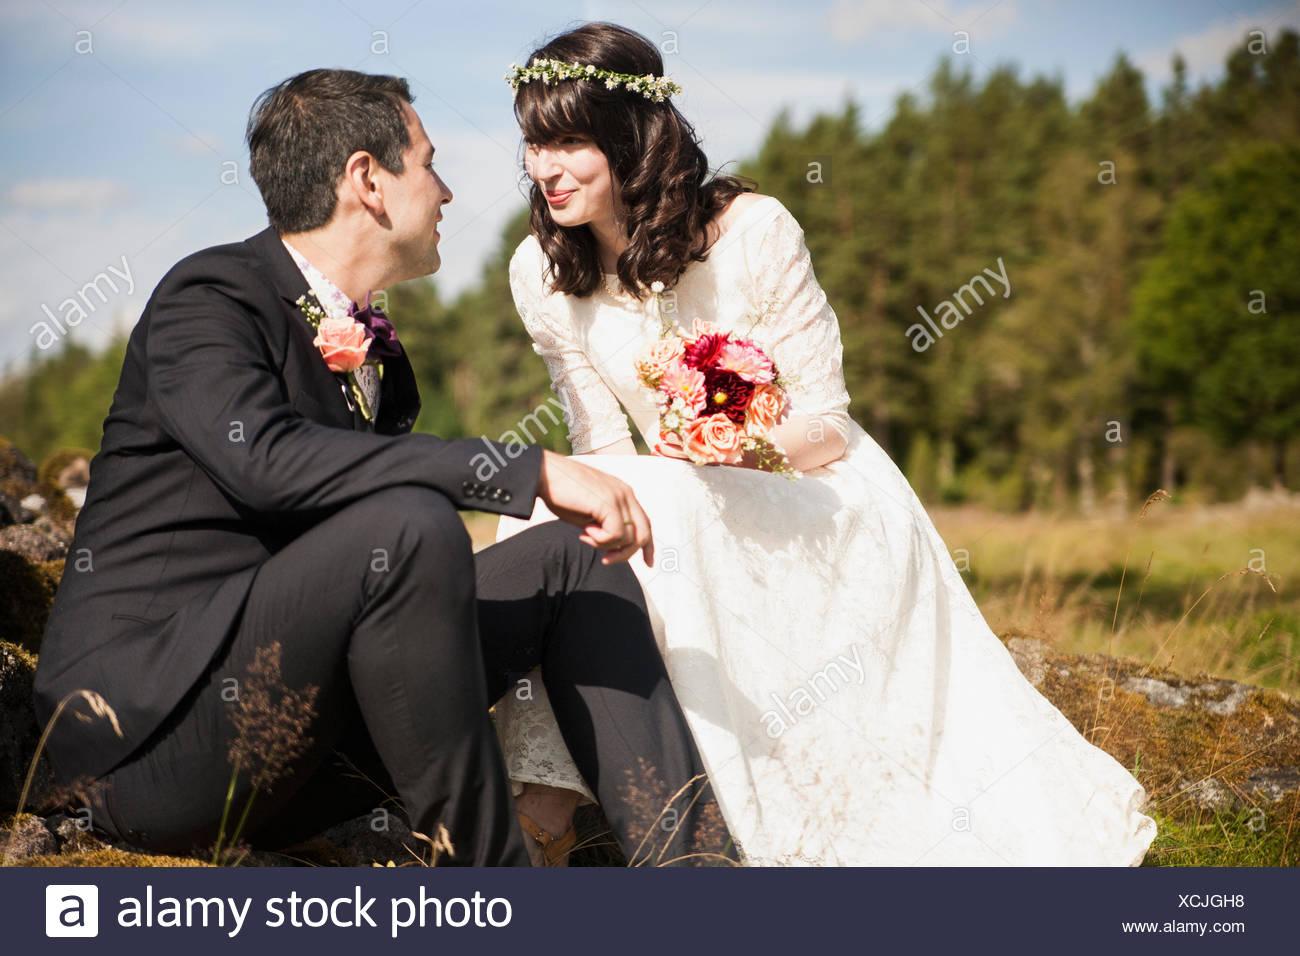 La Svezia, Smaland, Vetlanda, Holsbybrunn, sposi novelli faccia a faccia nel campo Immagini Stock